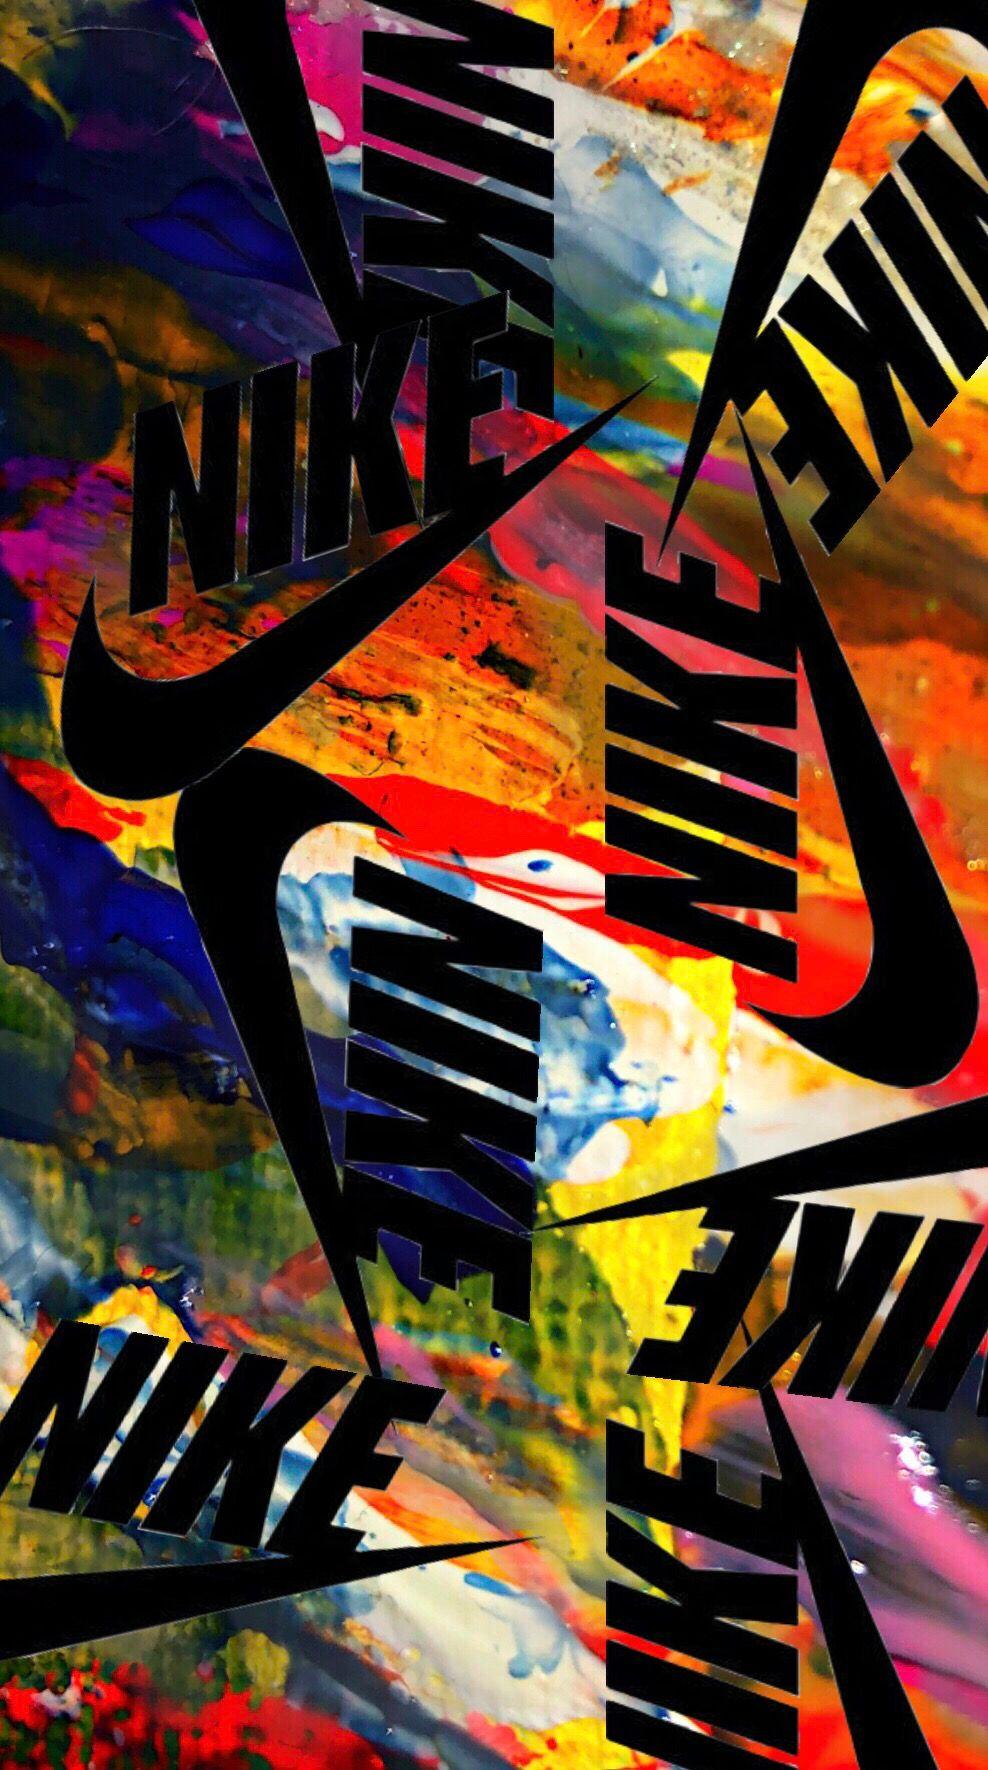 Nike Best Home & Lock Screen Wallpaper- Artist Darren Hamaker | Home lock  screen, Lock screen wallpaper, Abstract wallpaper